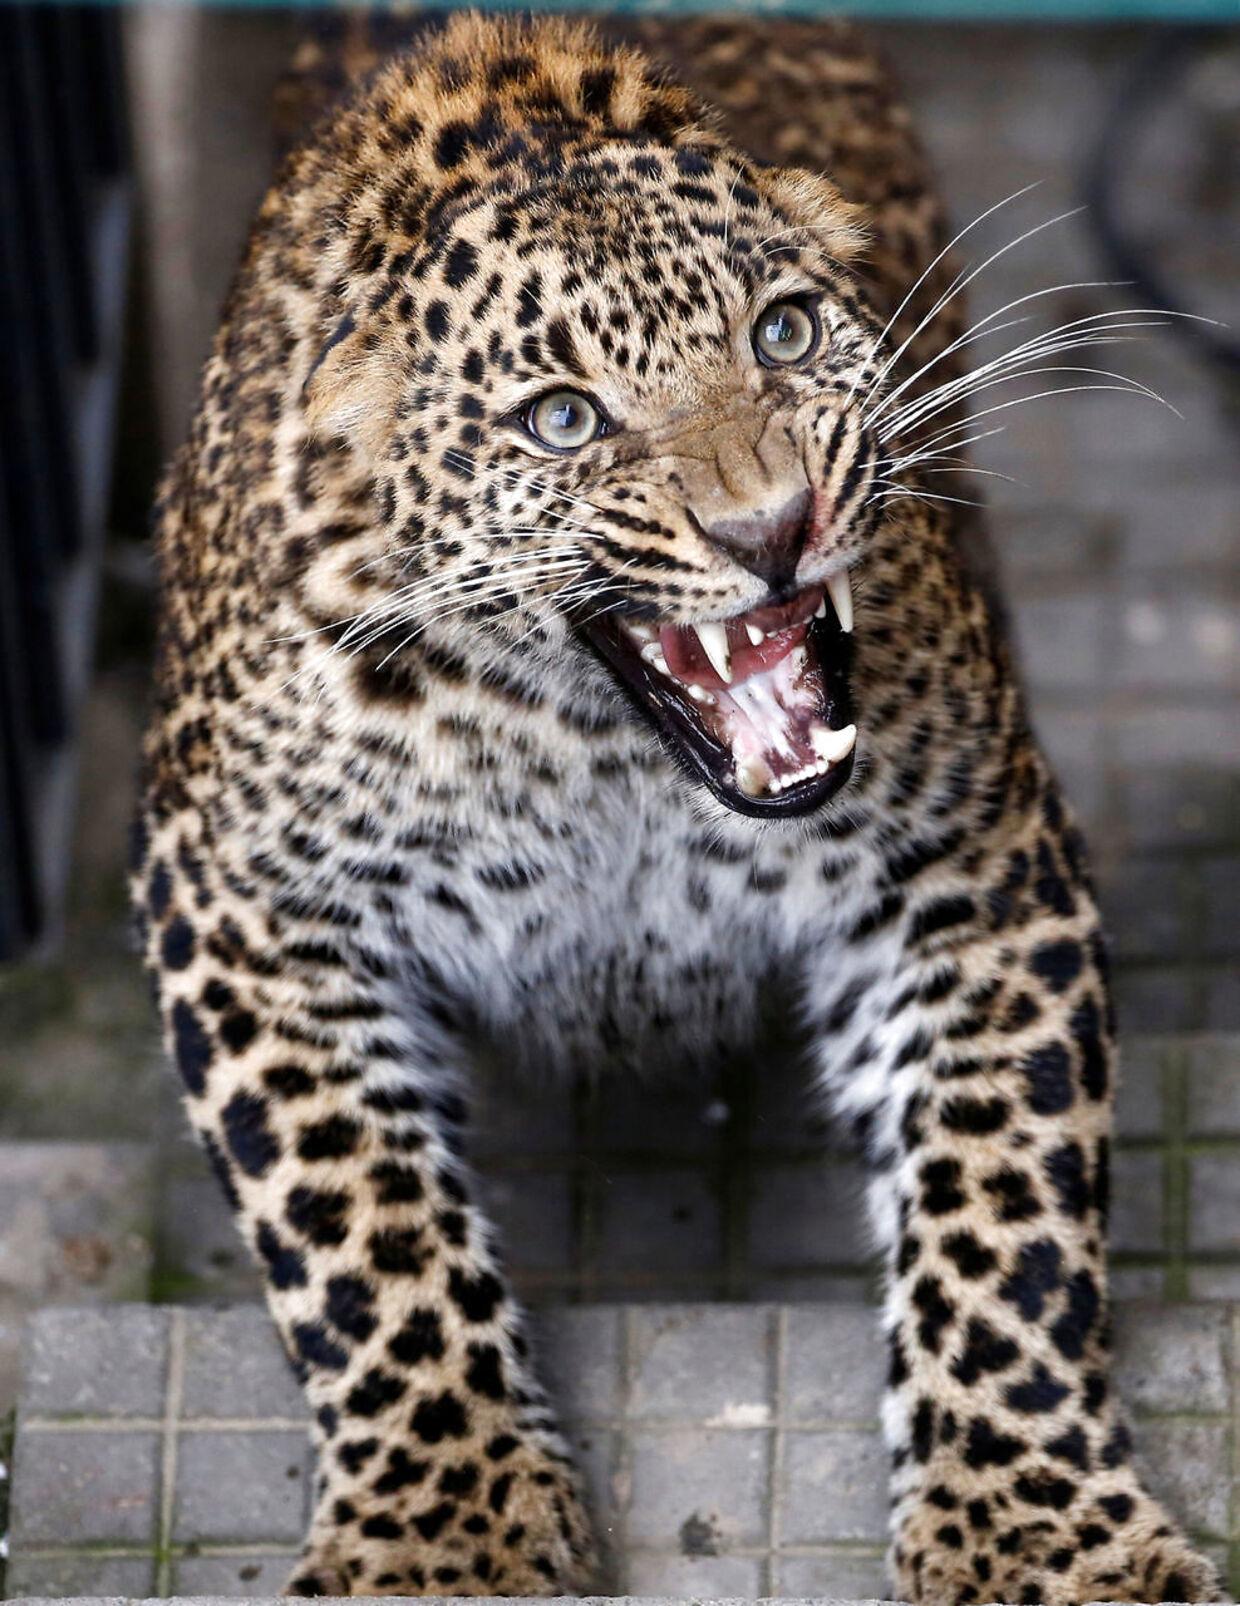 Den vilde leopard hvæser af de mennesker, der prøver af lokke den ud af huset i Kathmandu i Nepal.